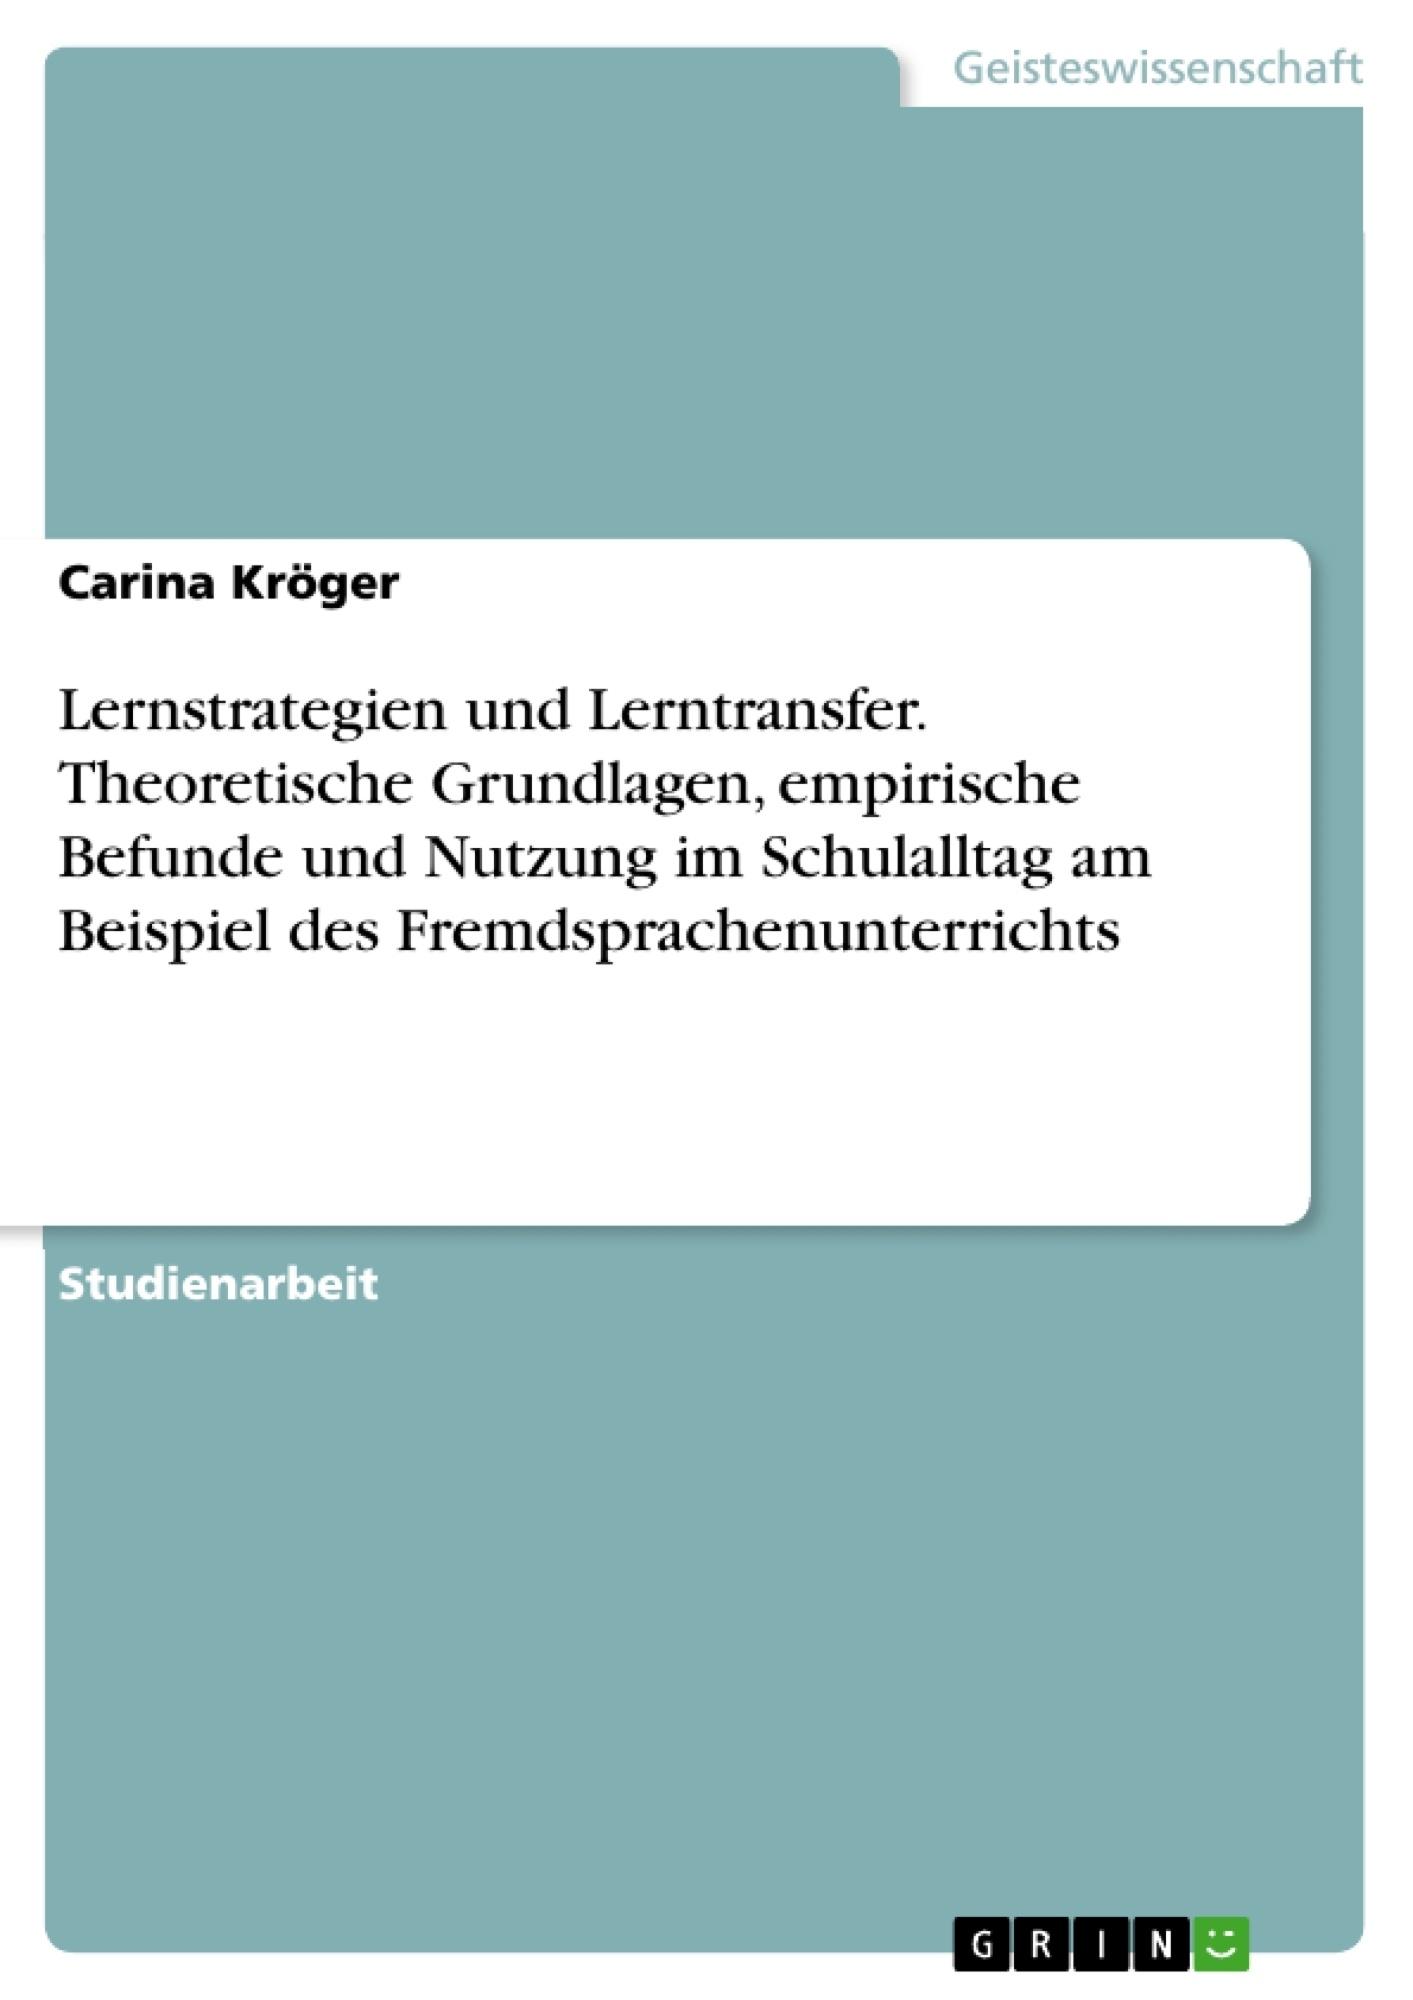 Titel: Lernstrategien und Lerntransfer. Theoretische Grundlagen, empirische Befunde und Nutzung im Schulalltag am Beispiel des Fremdsprachenunterrichts